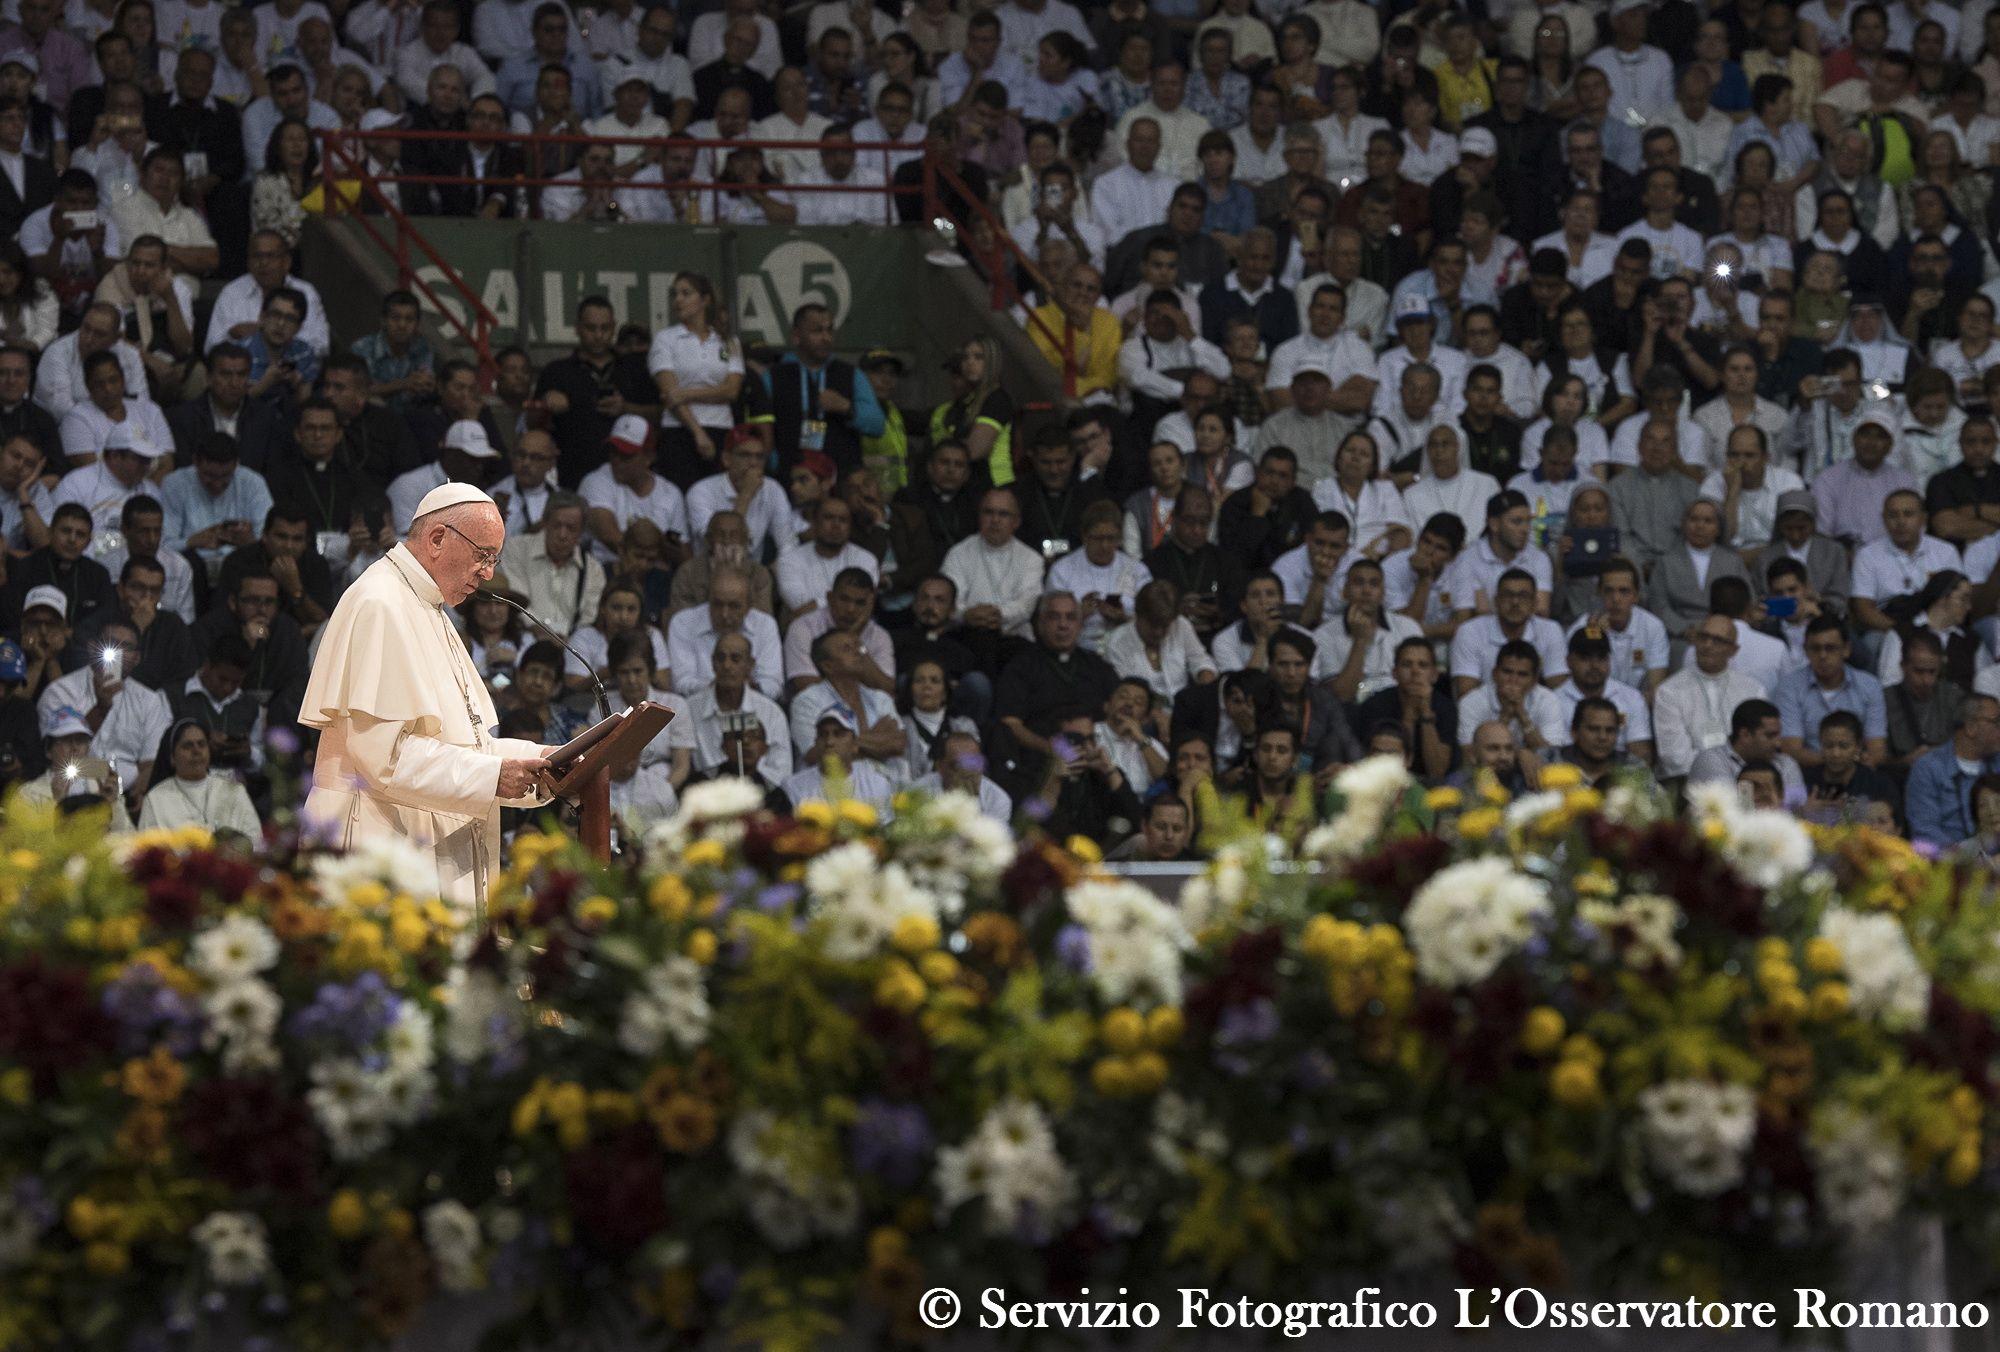 Colombie, Medellin, rencontre avec le clergé, les consacrés et leurs familles 9 sept. 2017 © L'Osservatore Romano